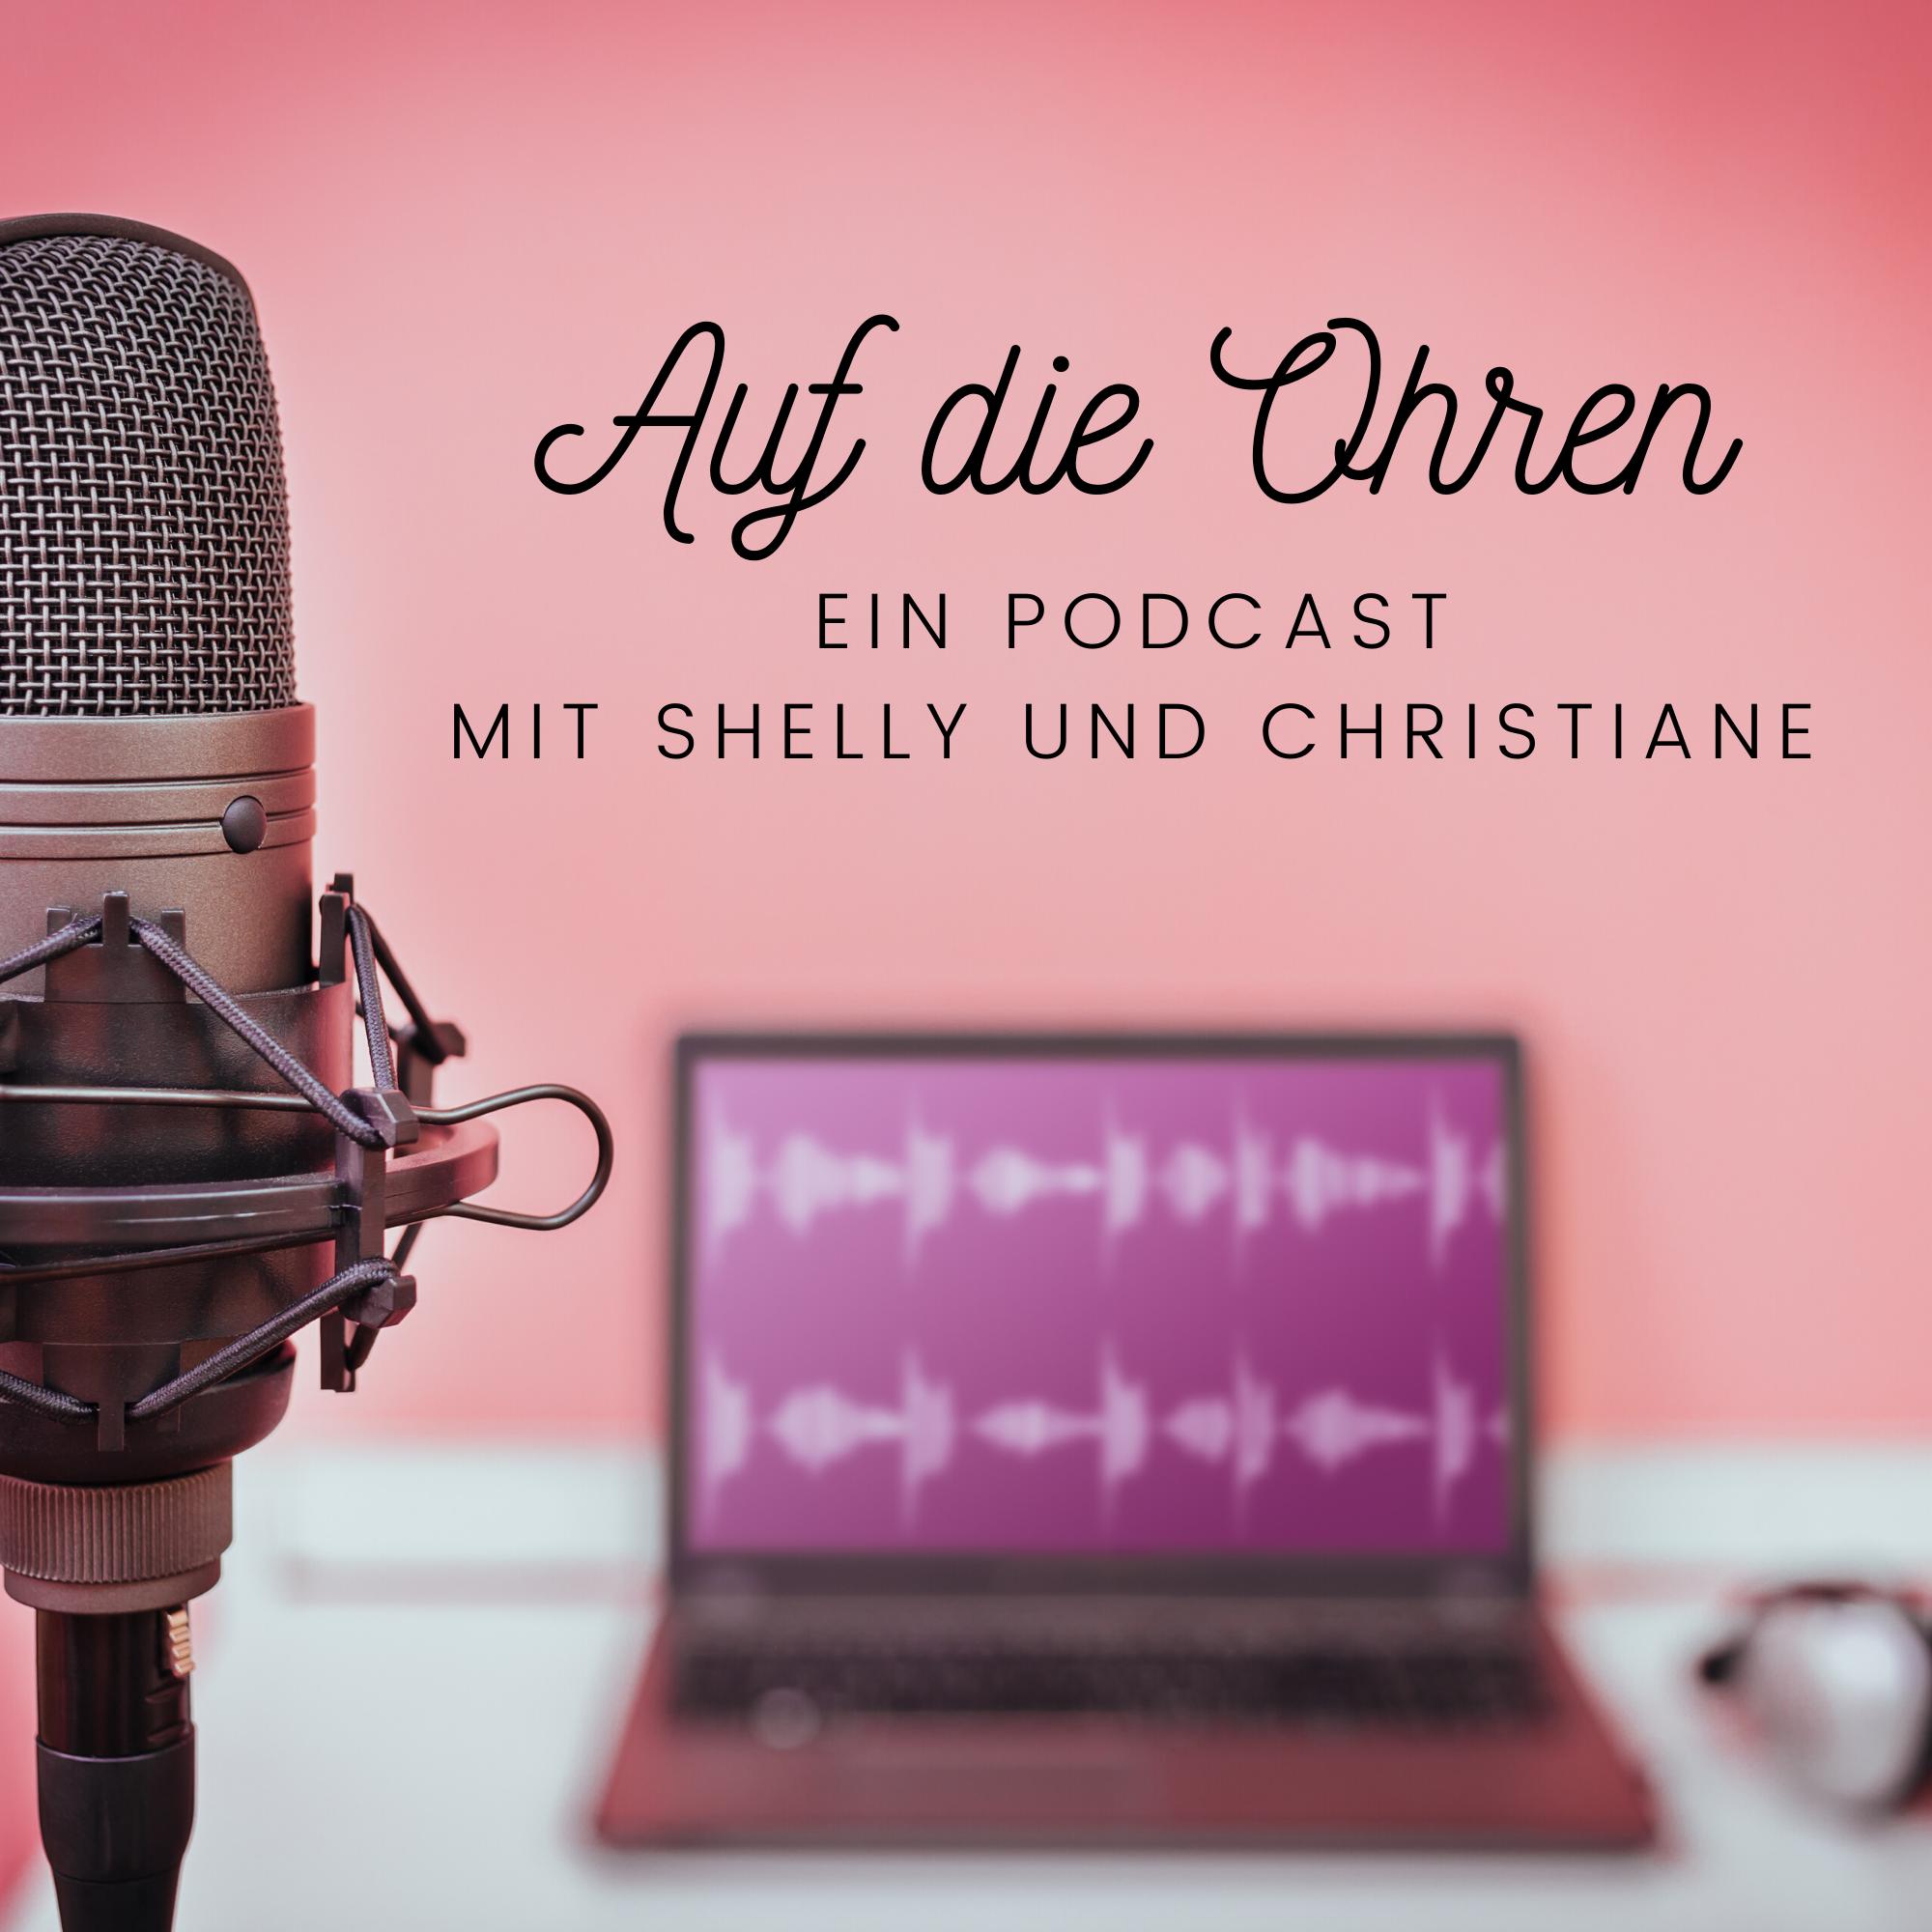 Auf die Ohren - Ein Podcast mit Shelly und Christiane